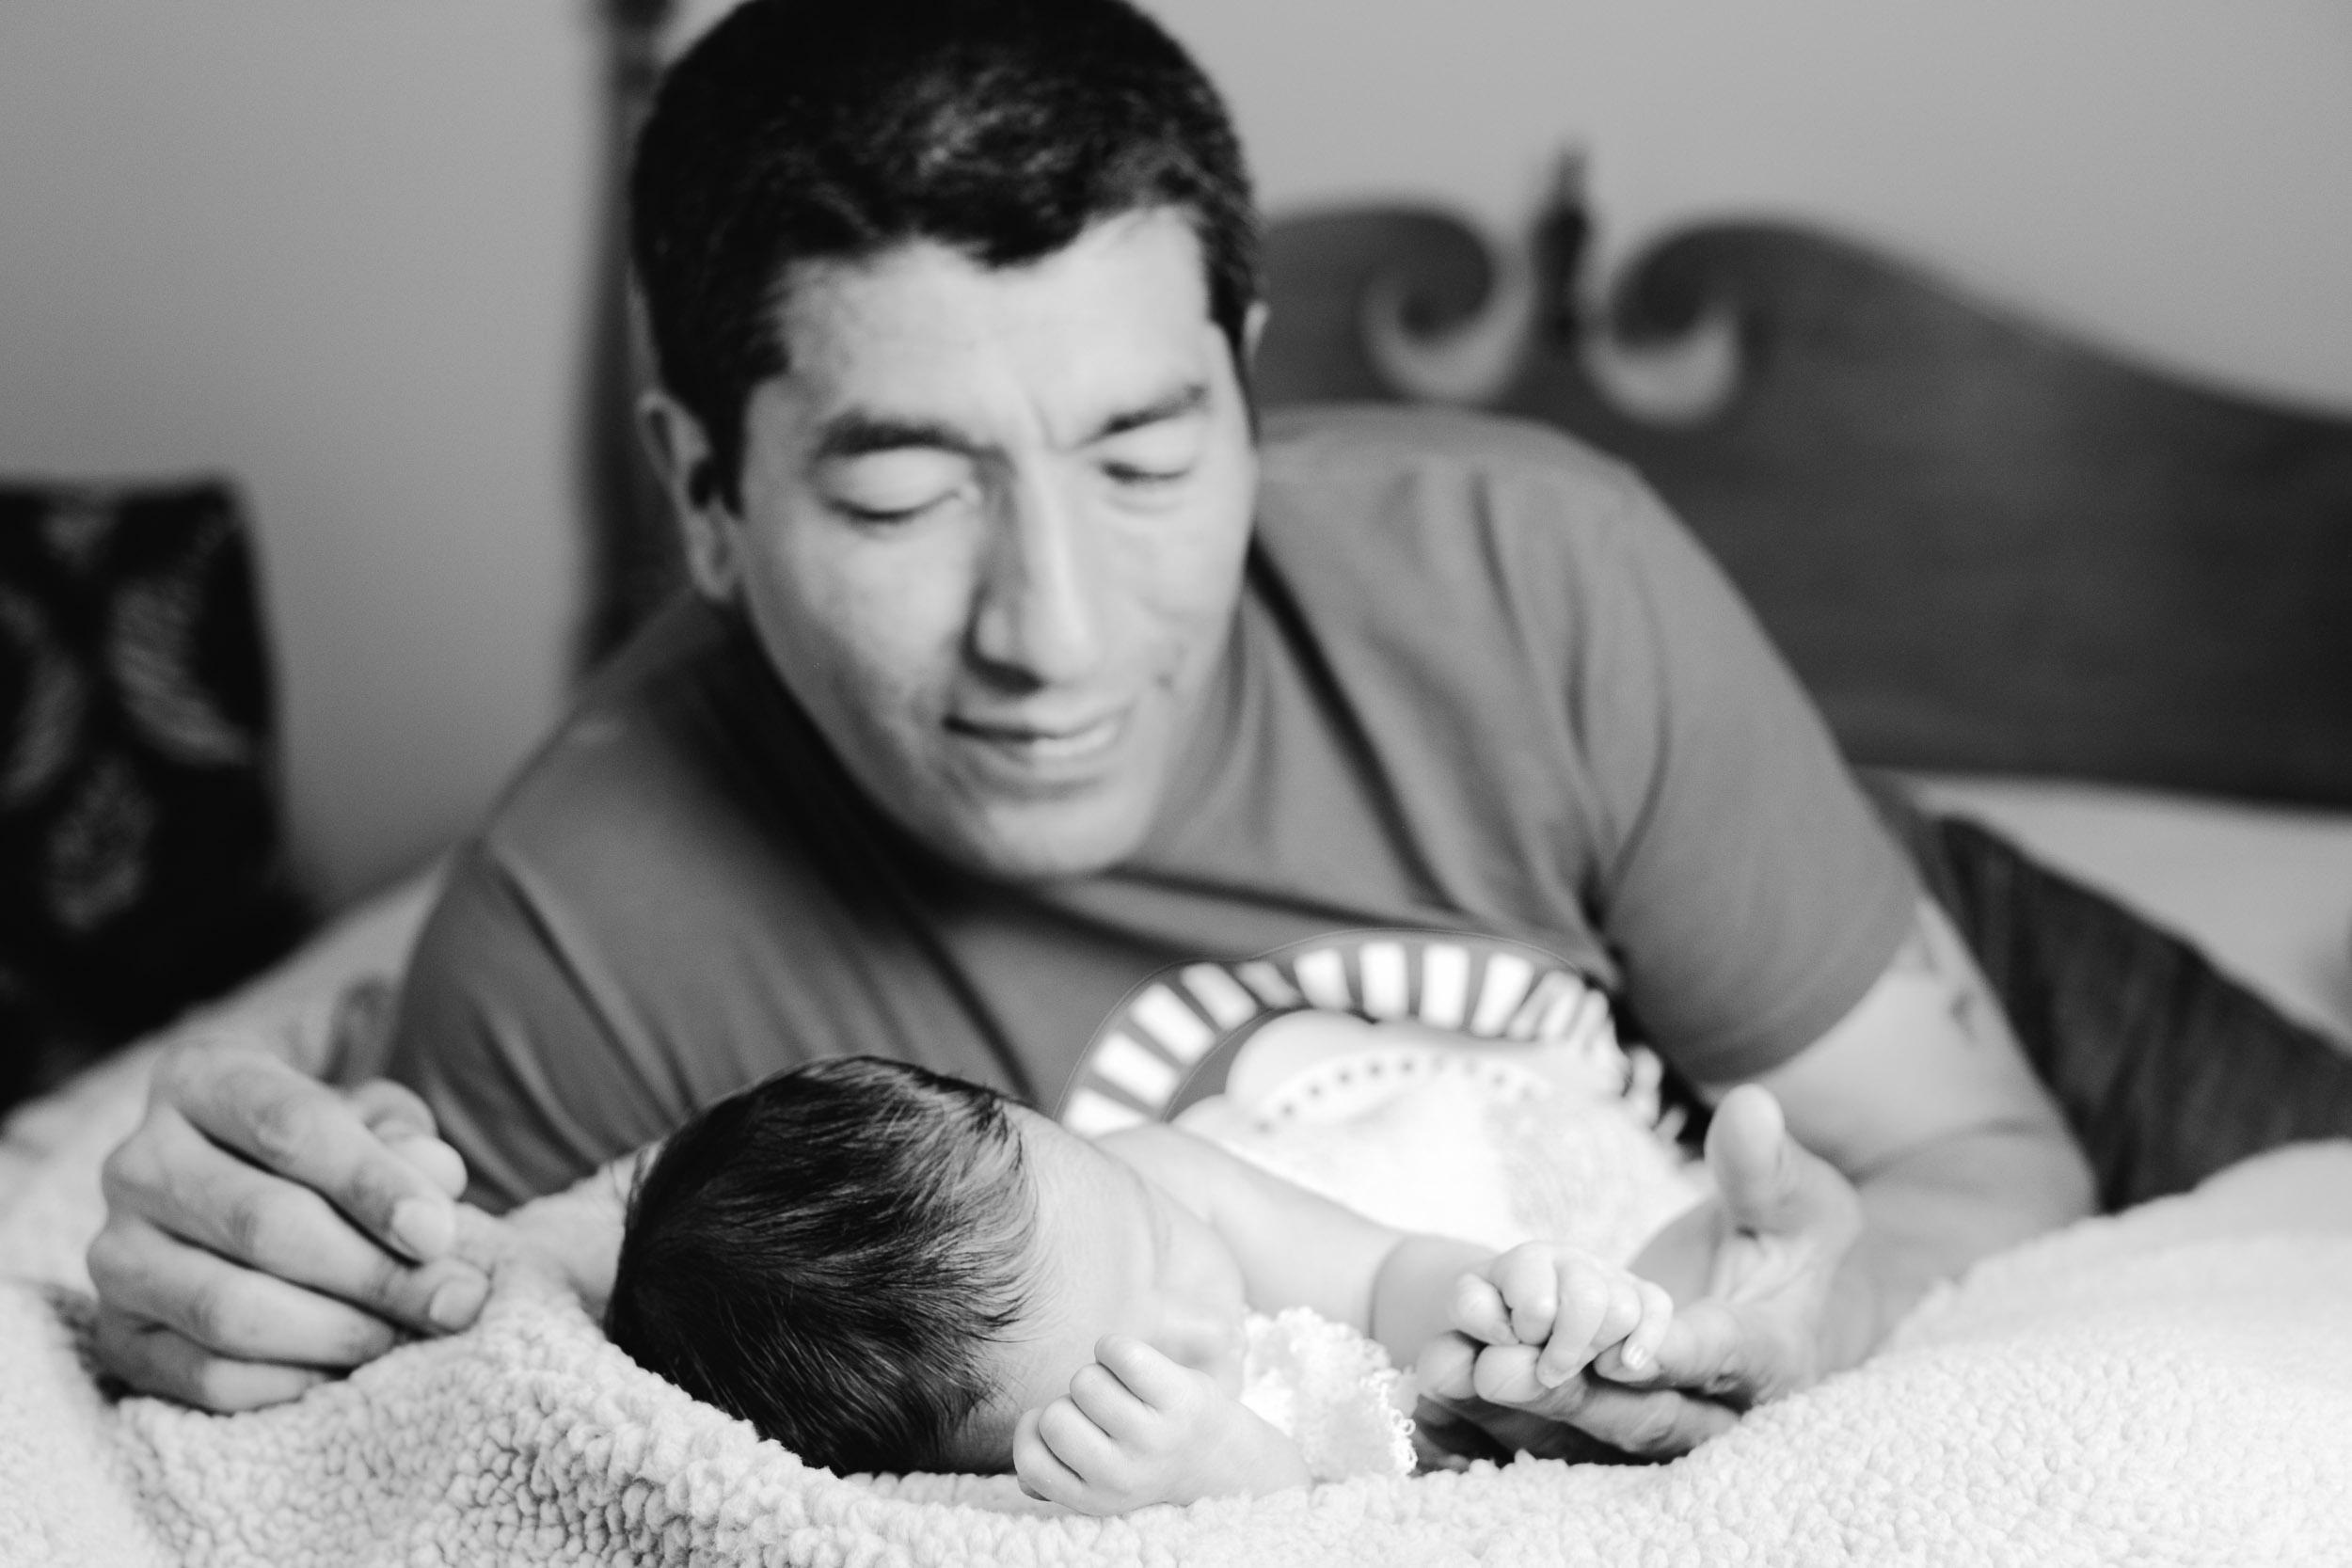 Greensboro-Newborn-Photographer-Baby-Levi-7.jpg